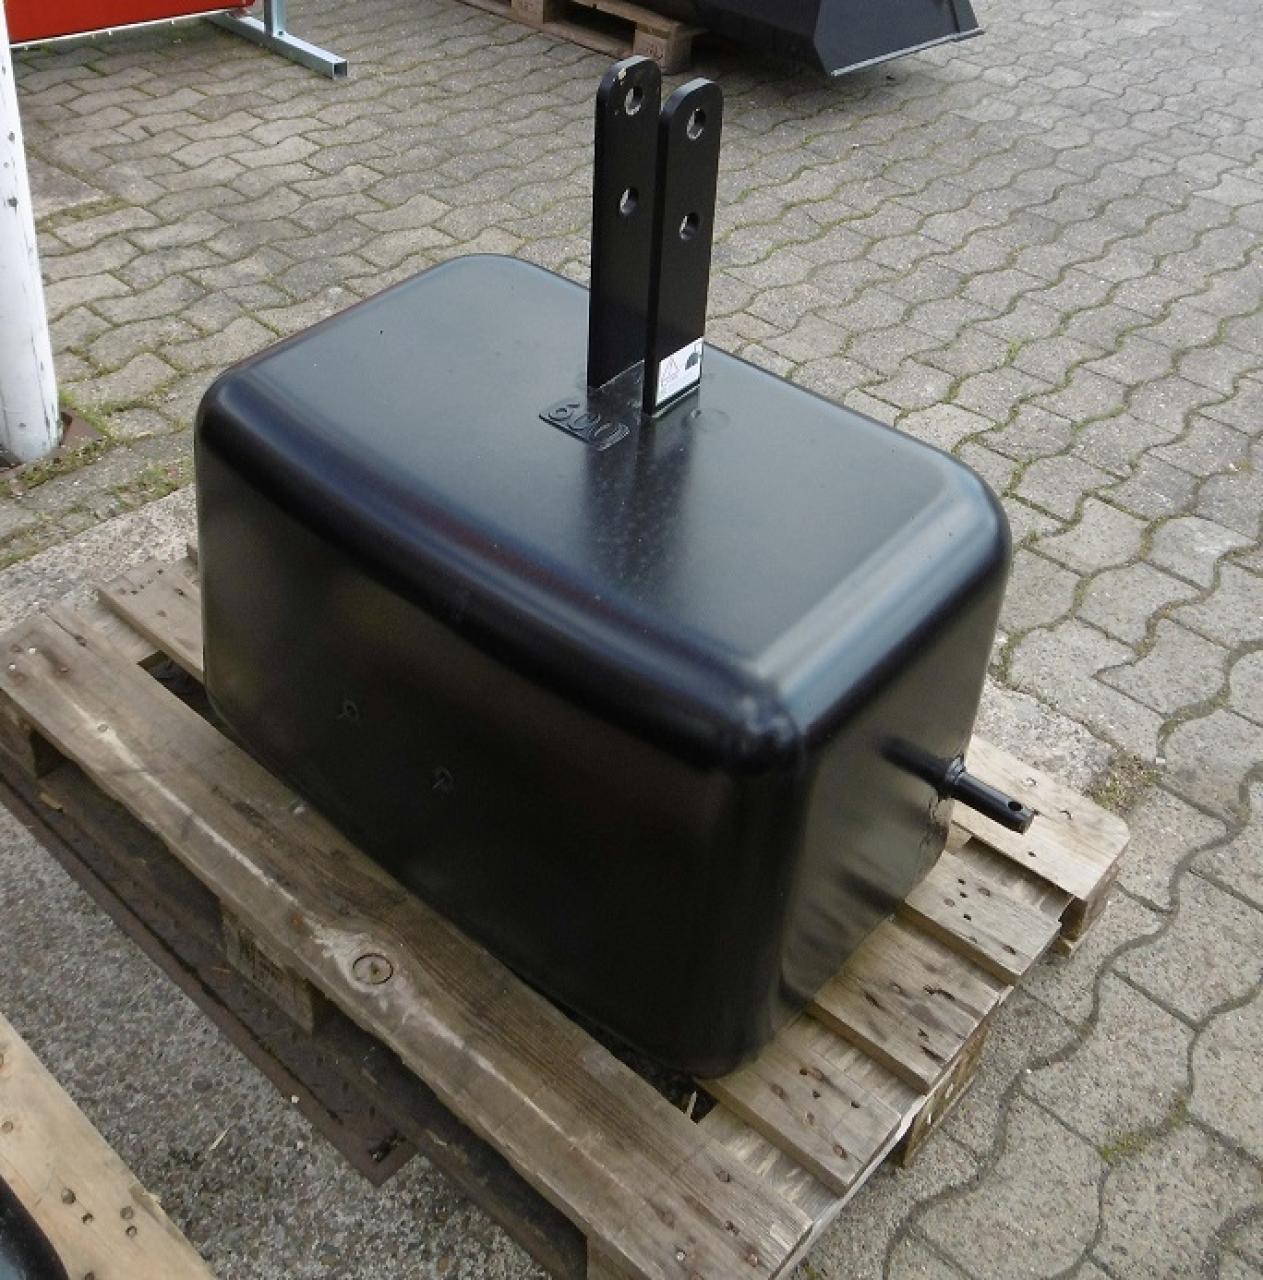 Deutz-Fahr 600 kg Eco-Line